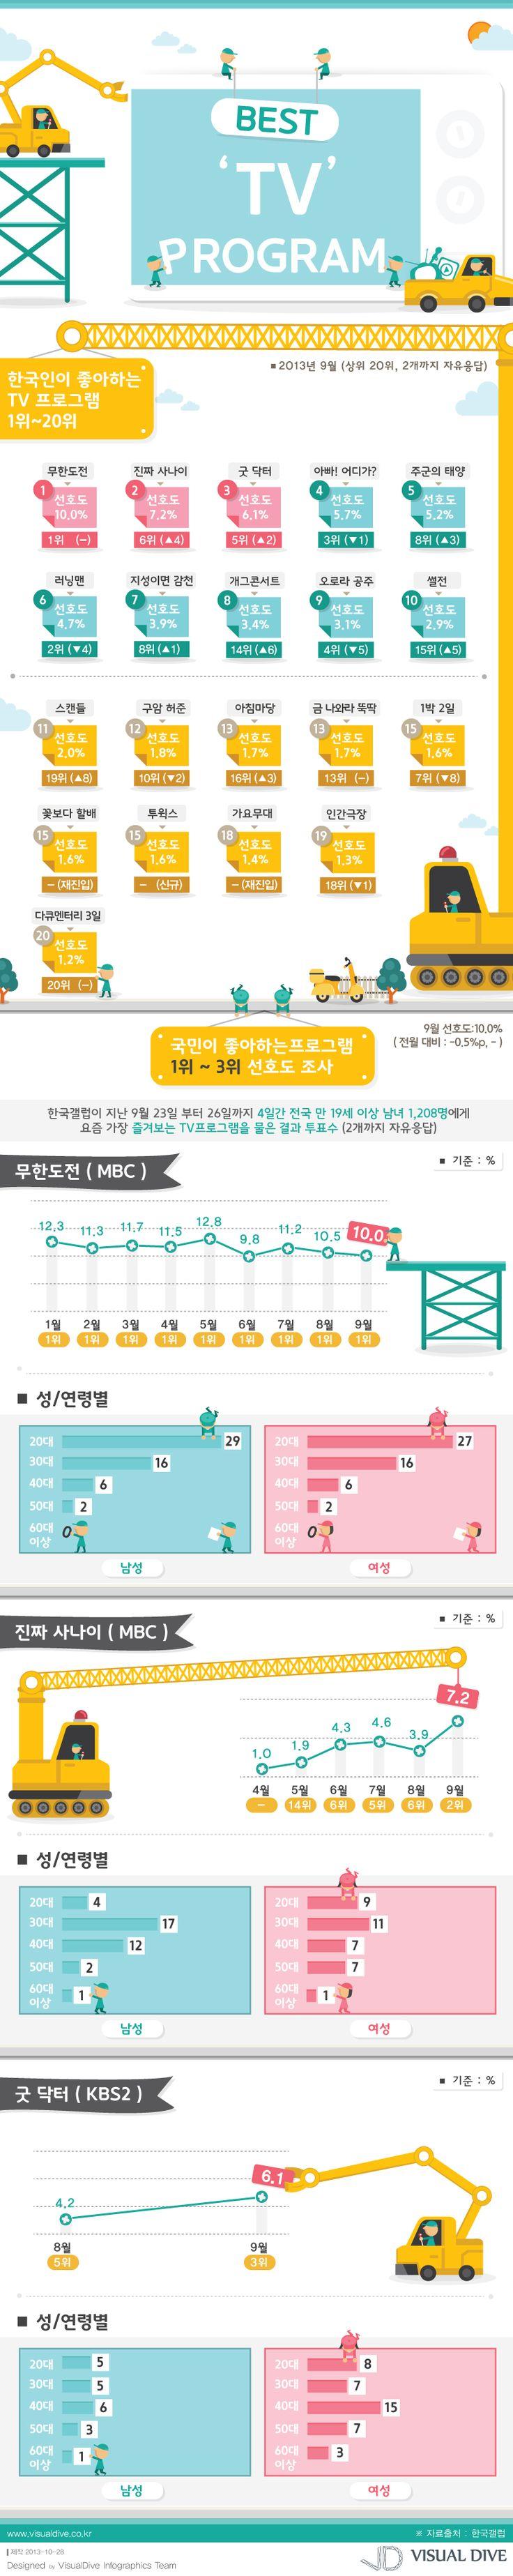 """[인포그래픽] '한국인이 좋아하는 TV프로' 1위 무한도전…가요제로 인기 이어져 #TV / #Infographic"""" ⓒ 비주얼다이브 무단 복사·전재·재배포 금지"""